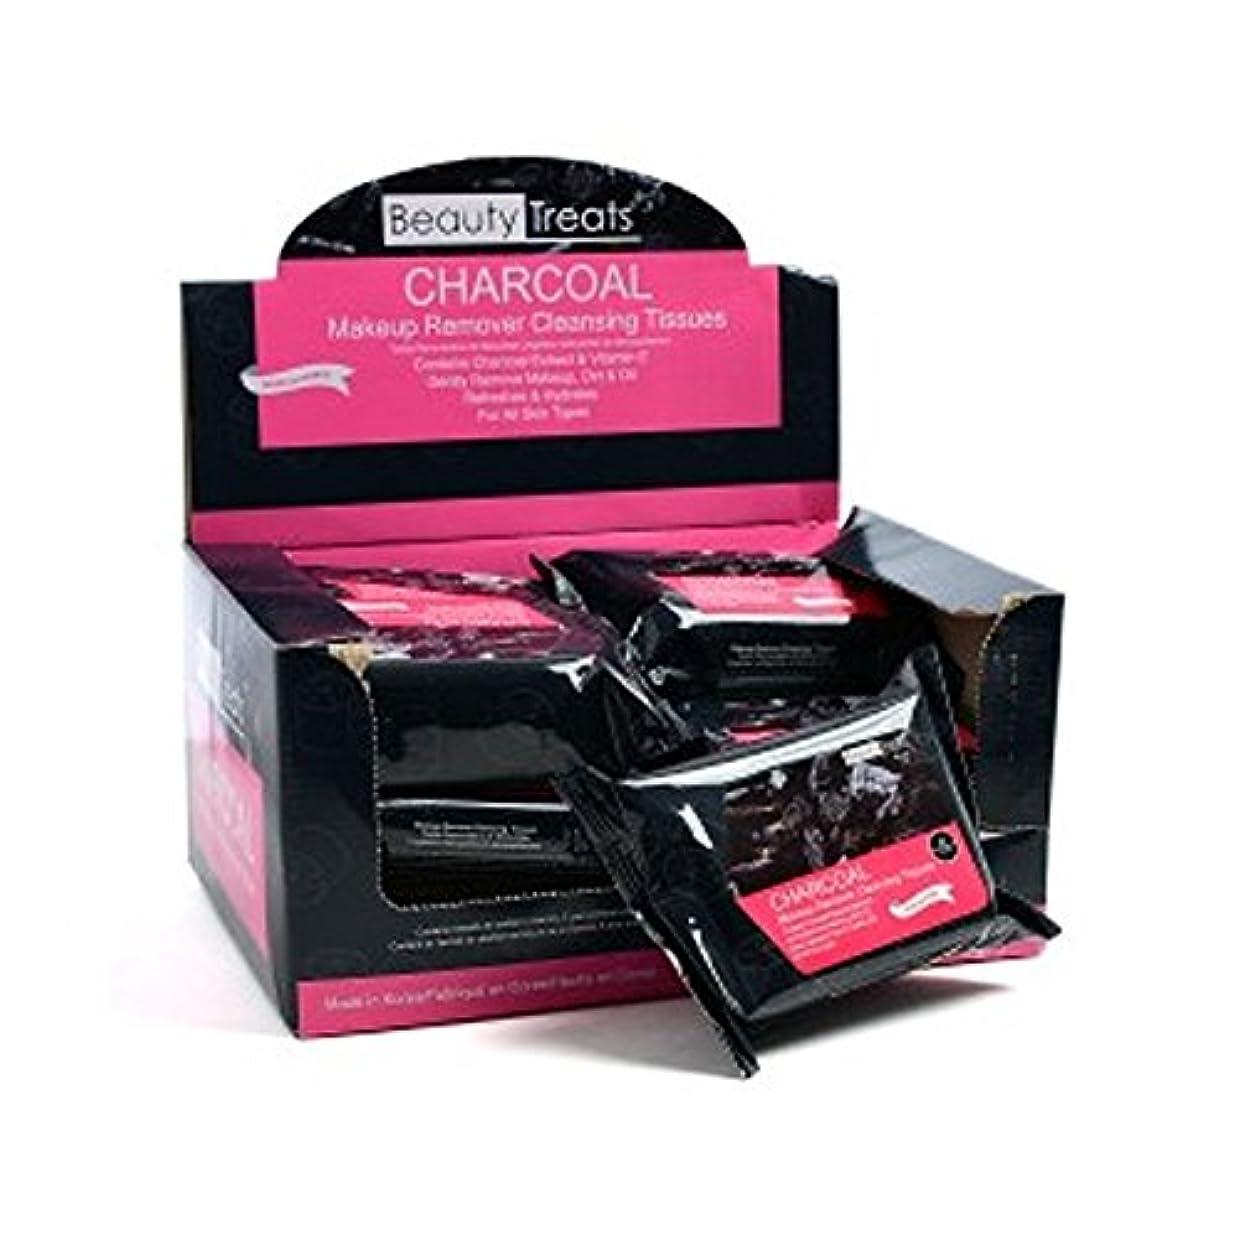 カプラー悪夢狼BEAUTY TREATS Charcoal Makeup Remover Cleaning Tissues Display Set, 12 Pieces (並行輸入品)